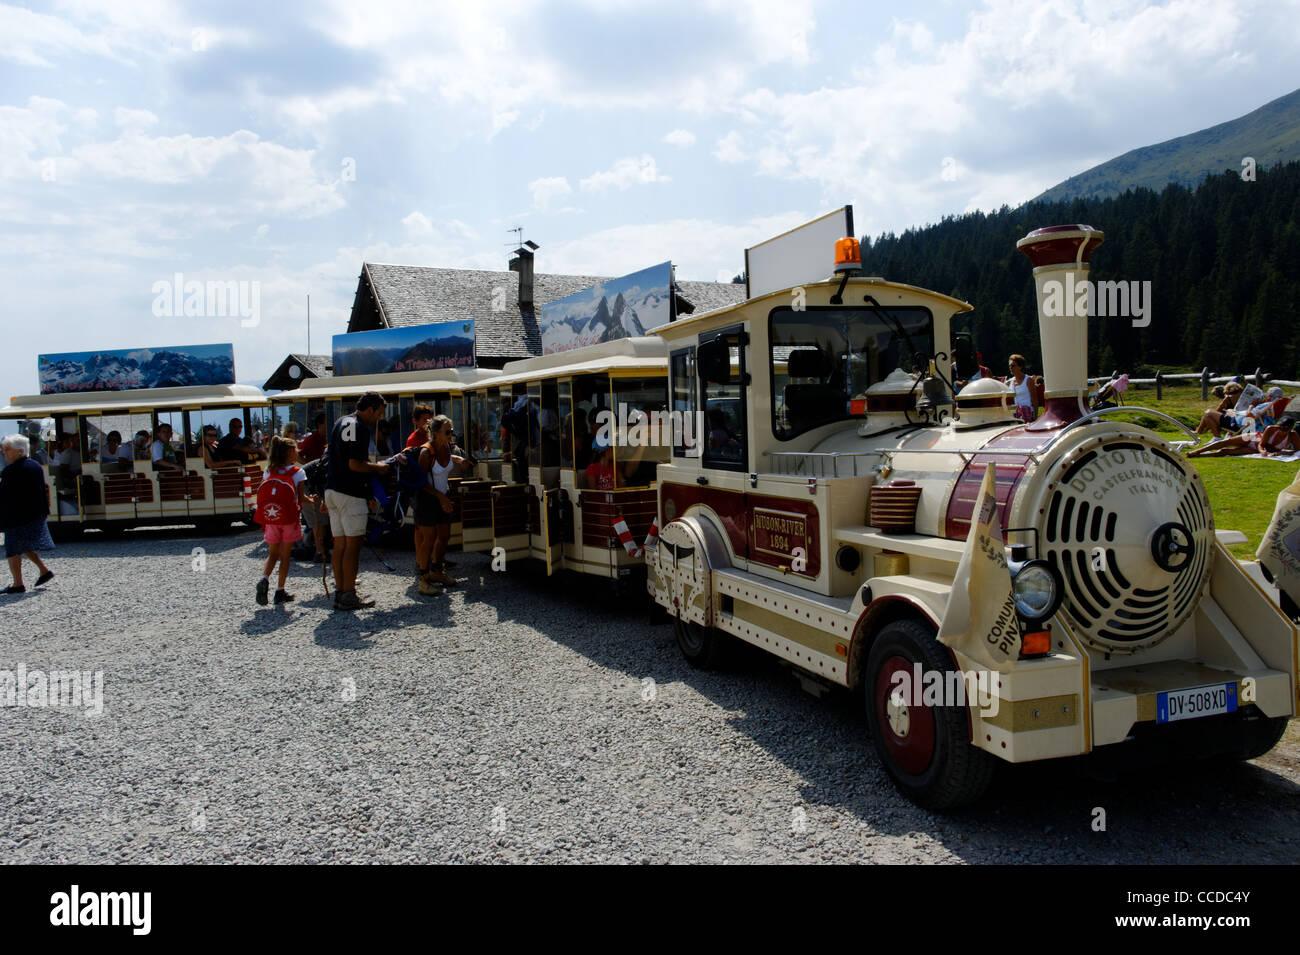 Little train for Malga Ritorto mountain hut, Madonna di Campiglio, Trentino Alto Adige, Italy - Stock Image